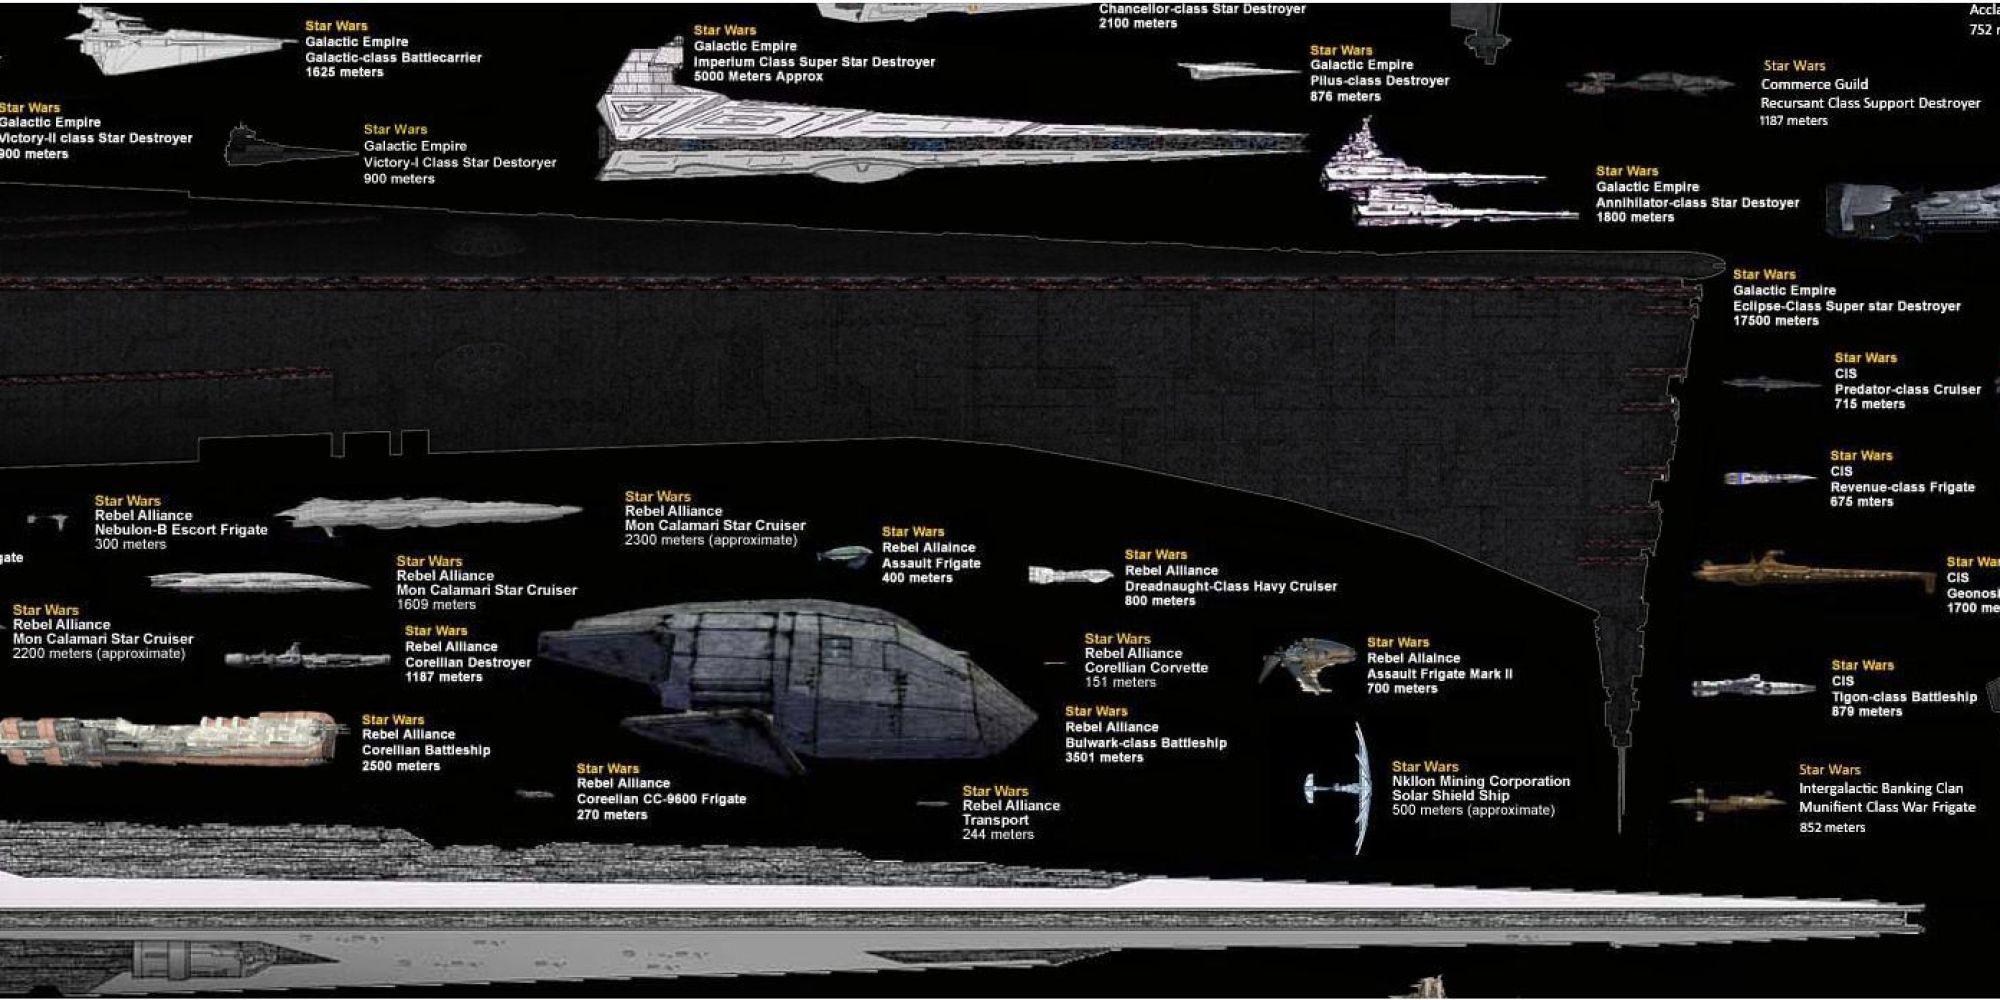 Vaisseau spatial une gigantesque image regroupant les - Image star wars vaisseau ...